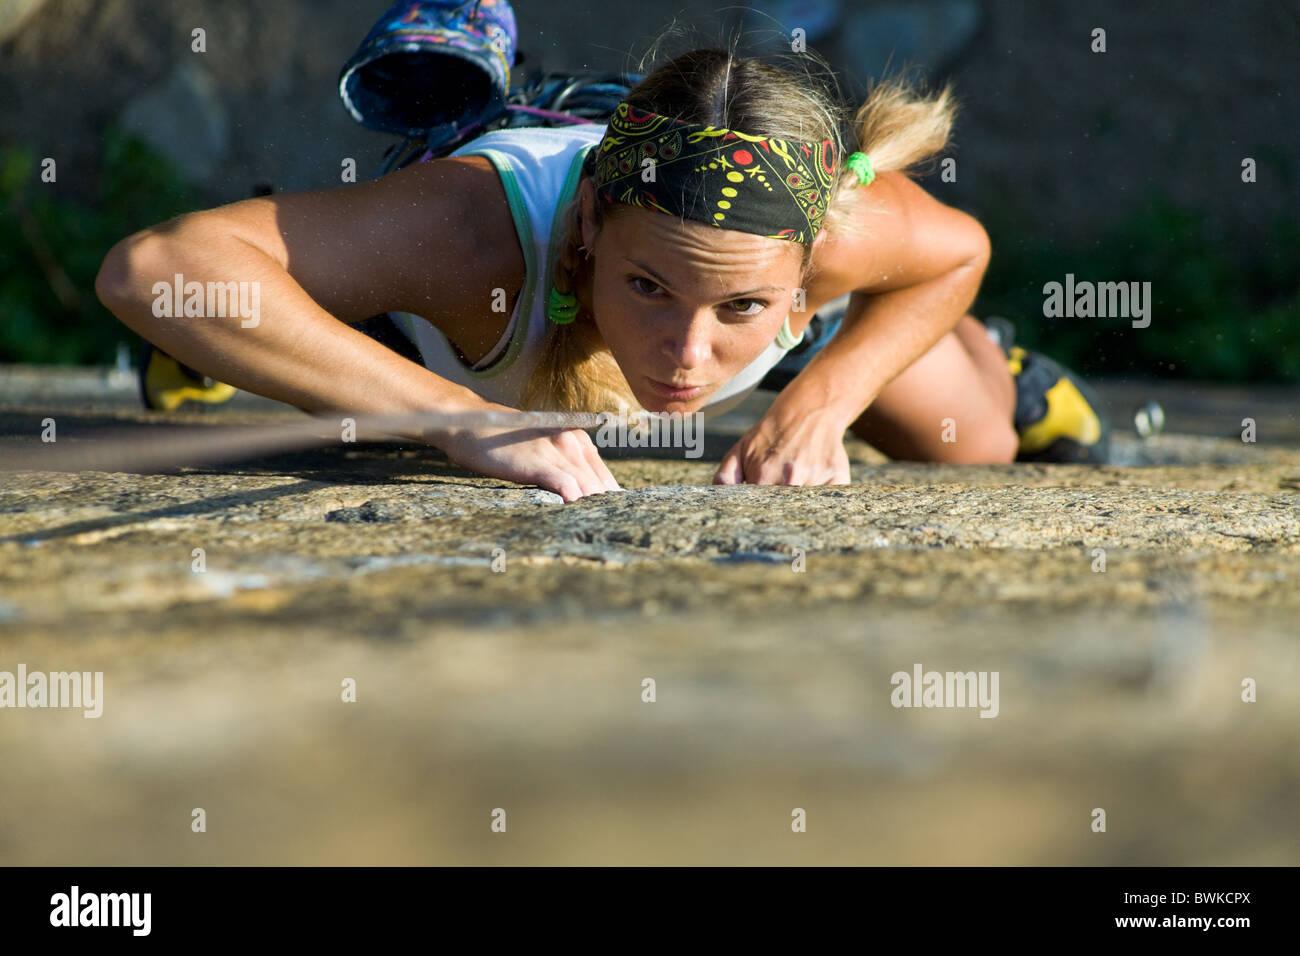 Atractiva chica trepa una roca de granito Imagen De Stock